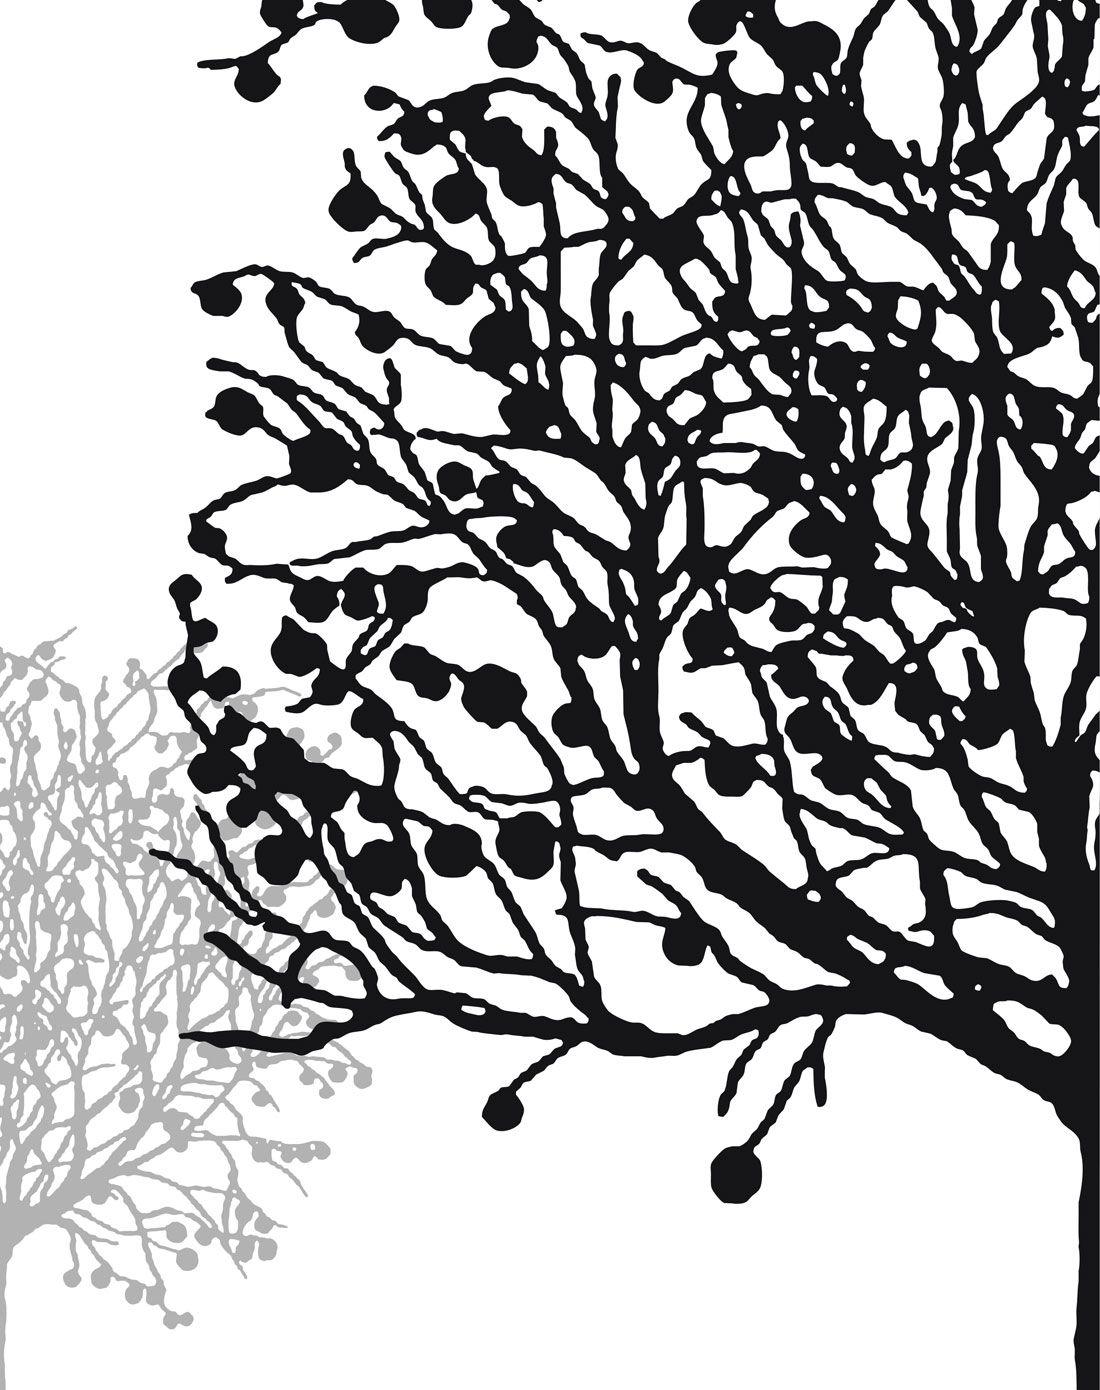 柠檬树家居装饰专场抽象艺术简约黑白装饰画图片